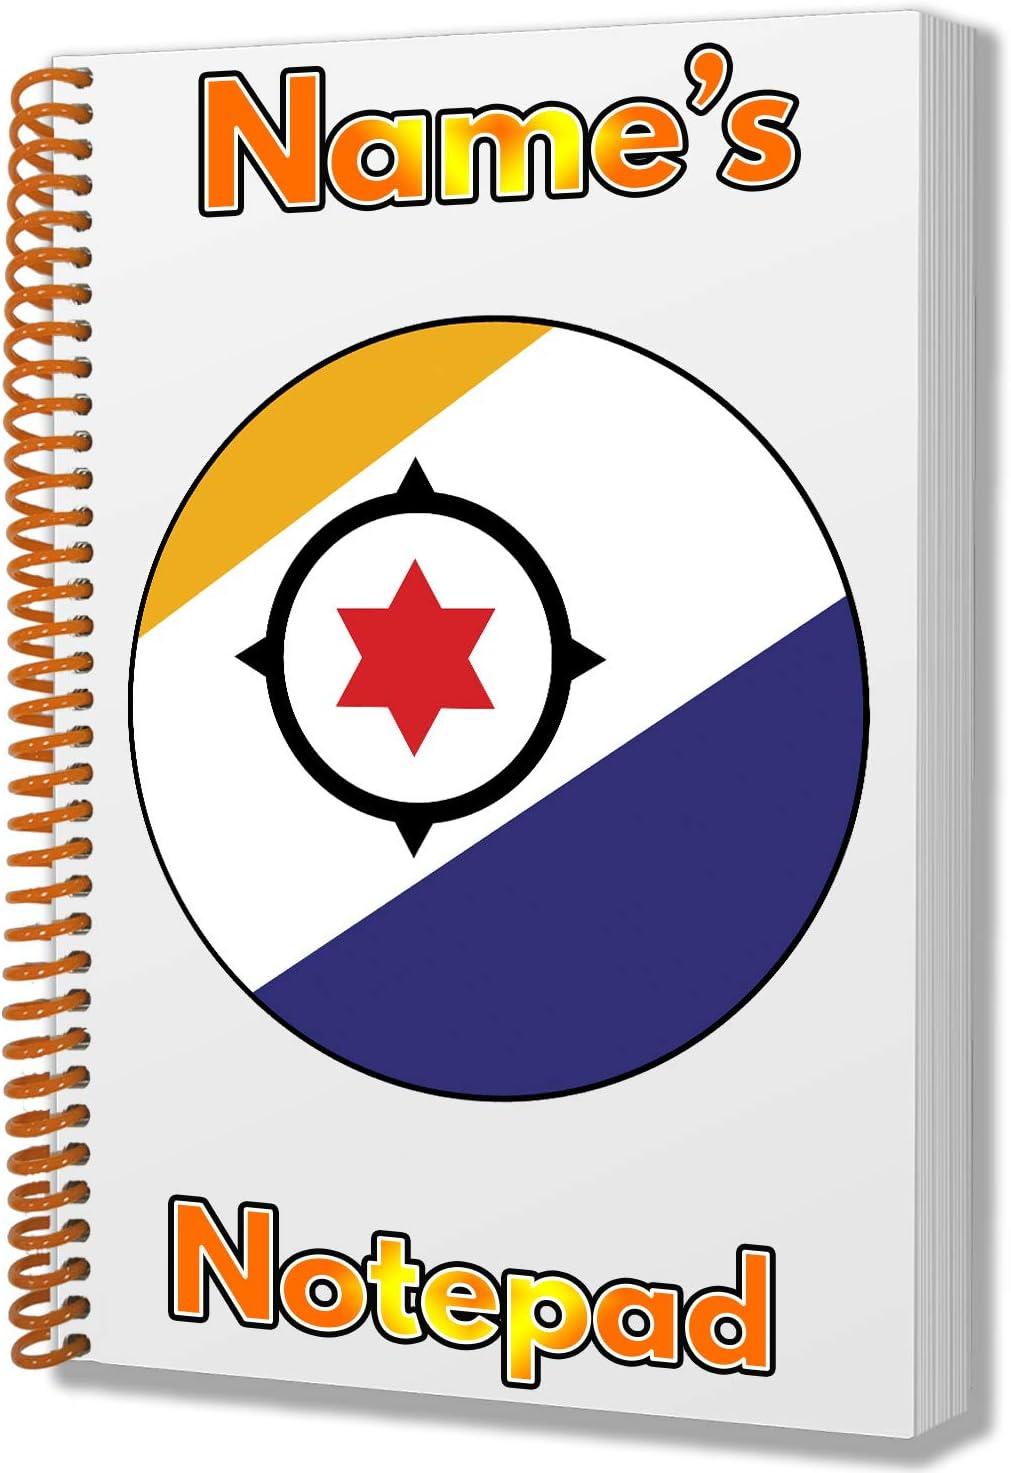 Bloc de notas tamaño A5 con diseño de bandera de Bonaire, regalo de cumpleaños, Navidad, regalo de Navidad